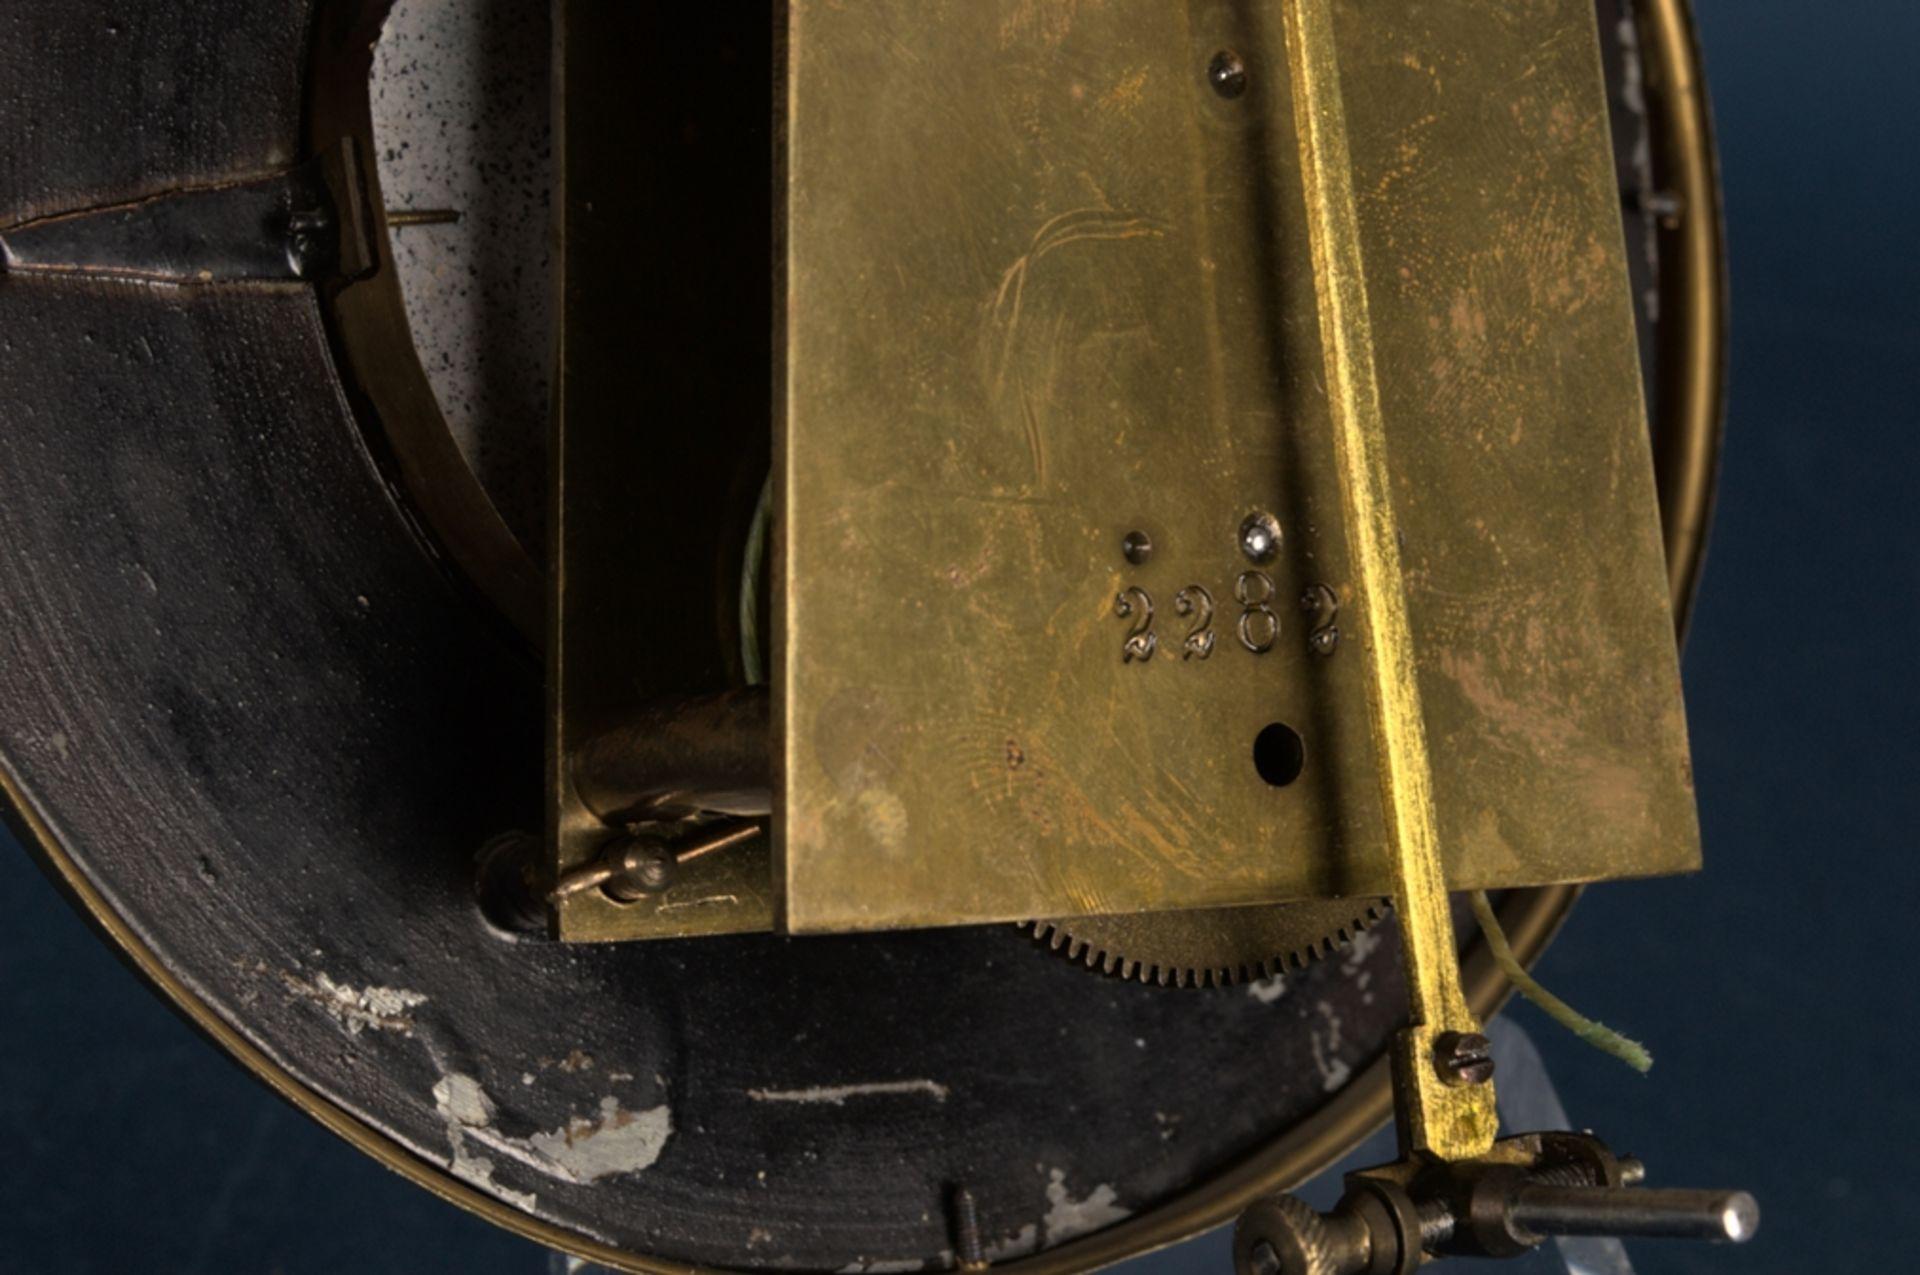 Wandregulator, eingewichtige, mechanische Wanduhr im Nussbaumgehäuse. Werk ungeprüft. Höhe ca. 95 - Bild 12 aus 19